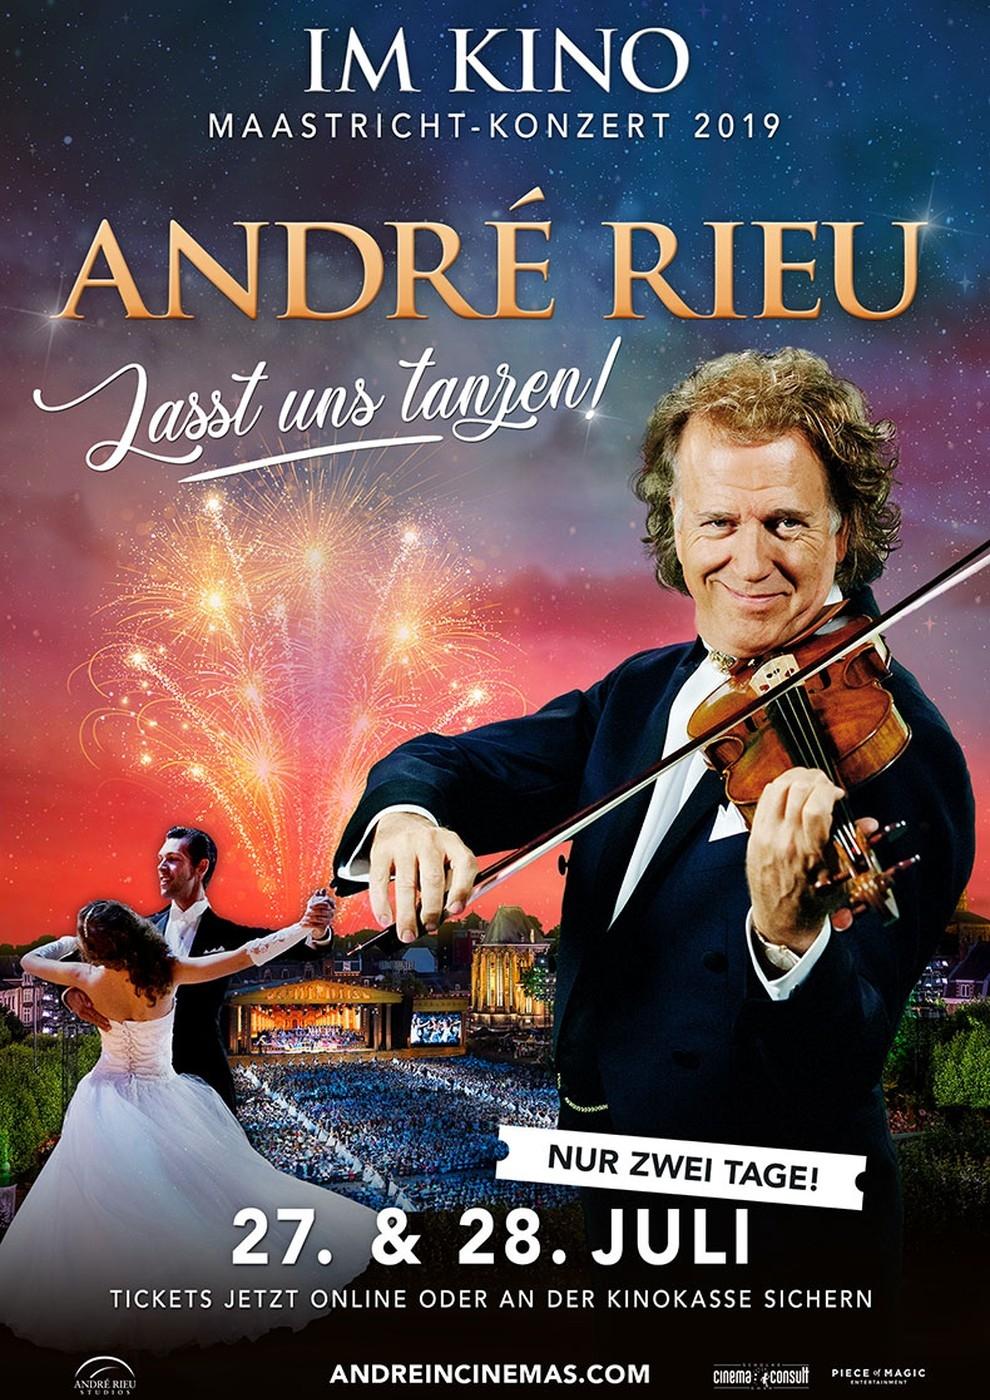 André Rieu - Maastricht-Konzert 2019: Lass uns tanzen! (Poster)